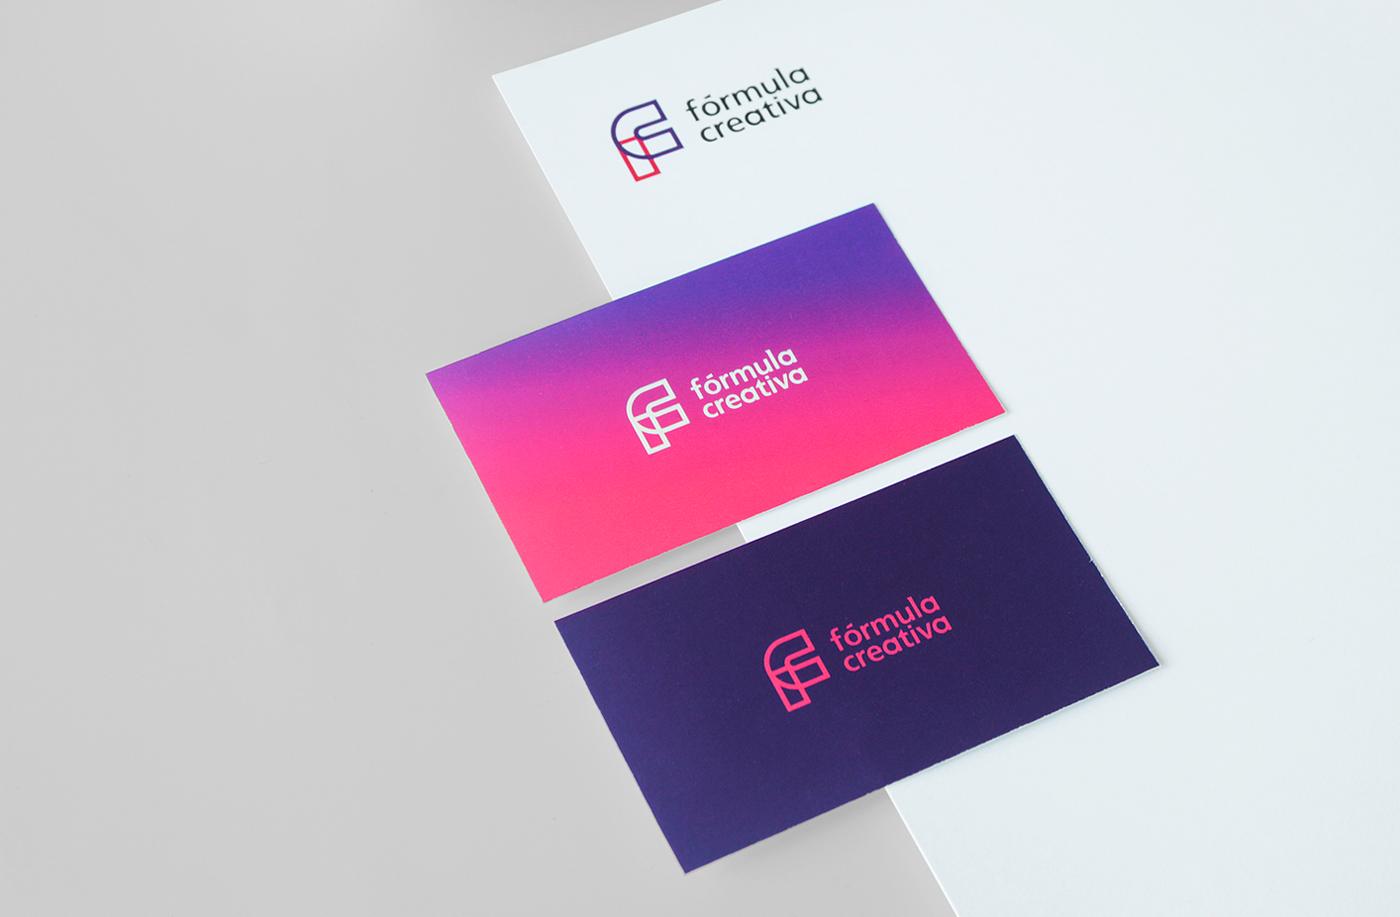 墨西哥设计工作室 Fórmula Creativa 品牌视觉设计 欣赏-第13张